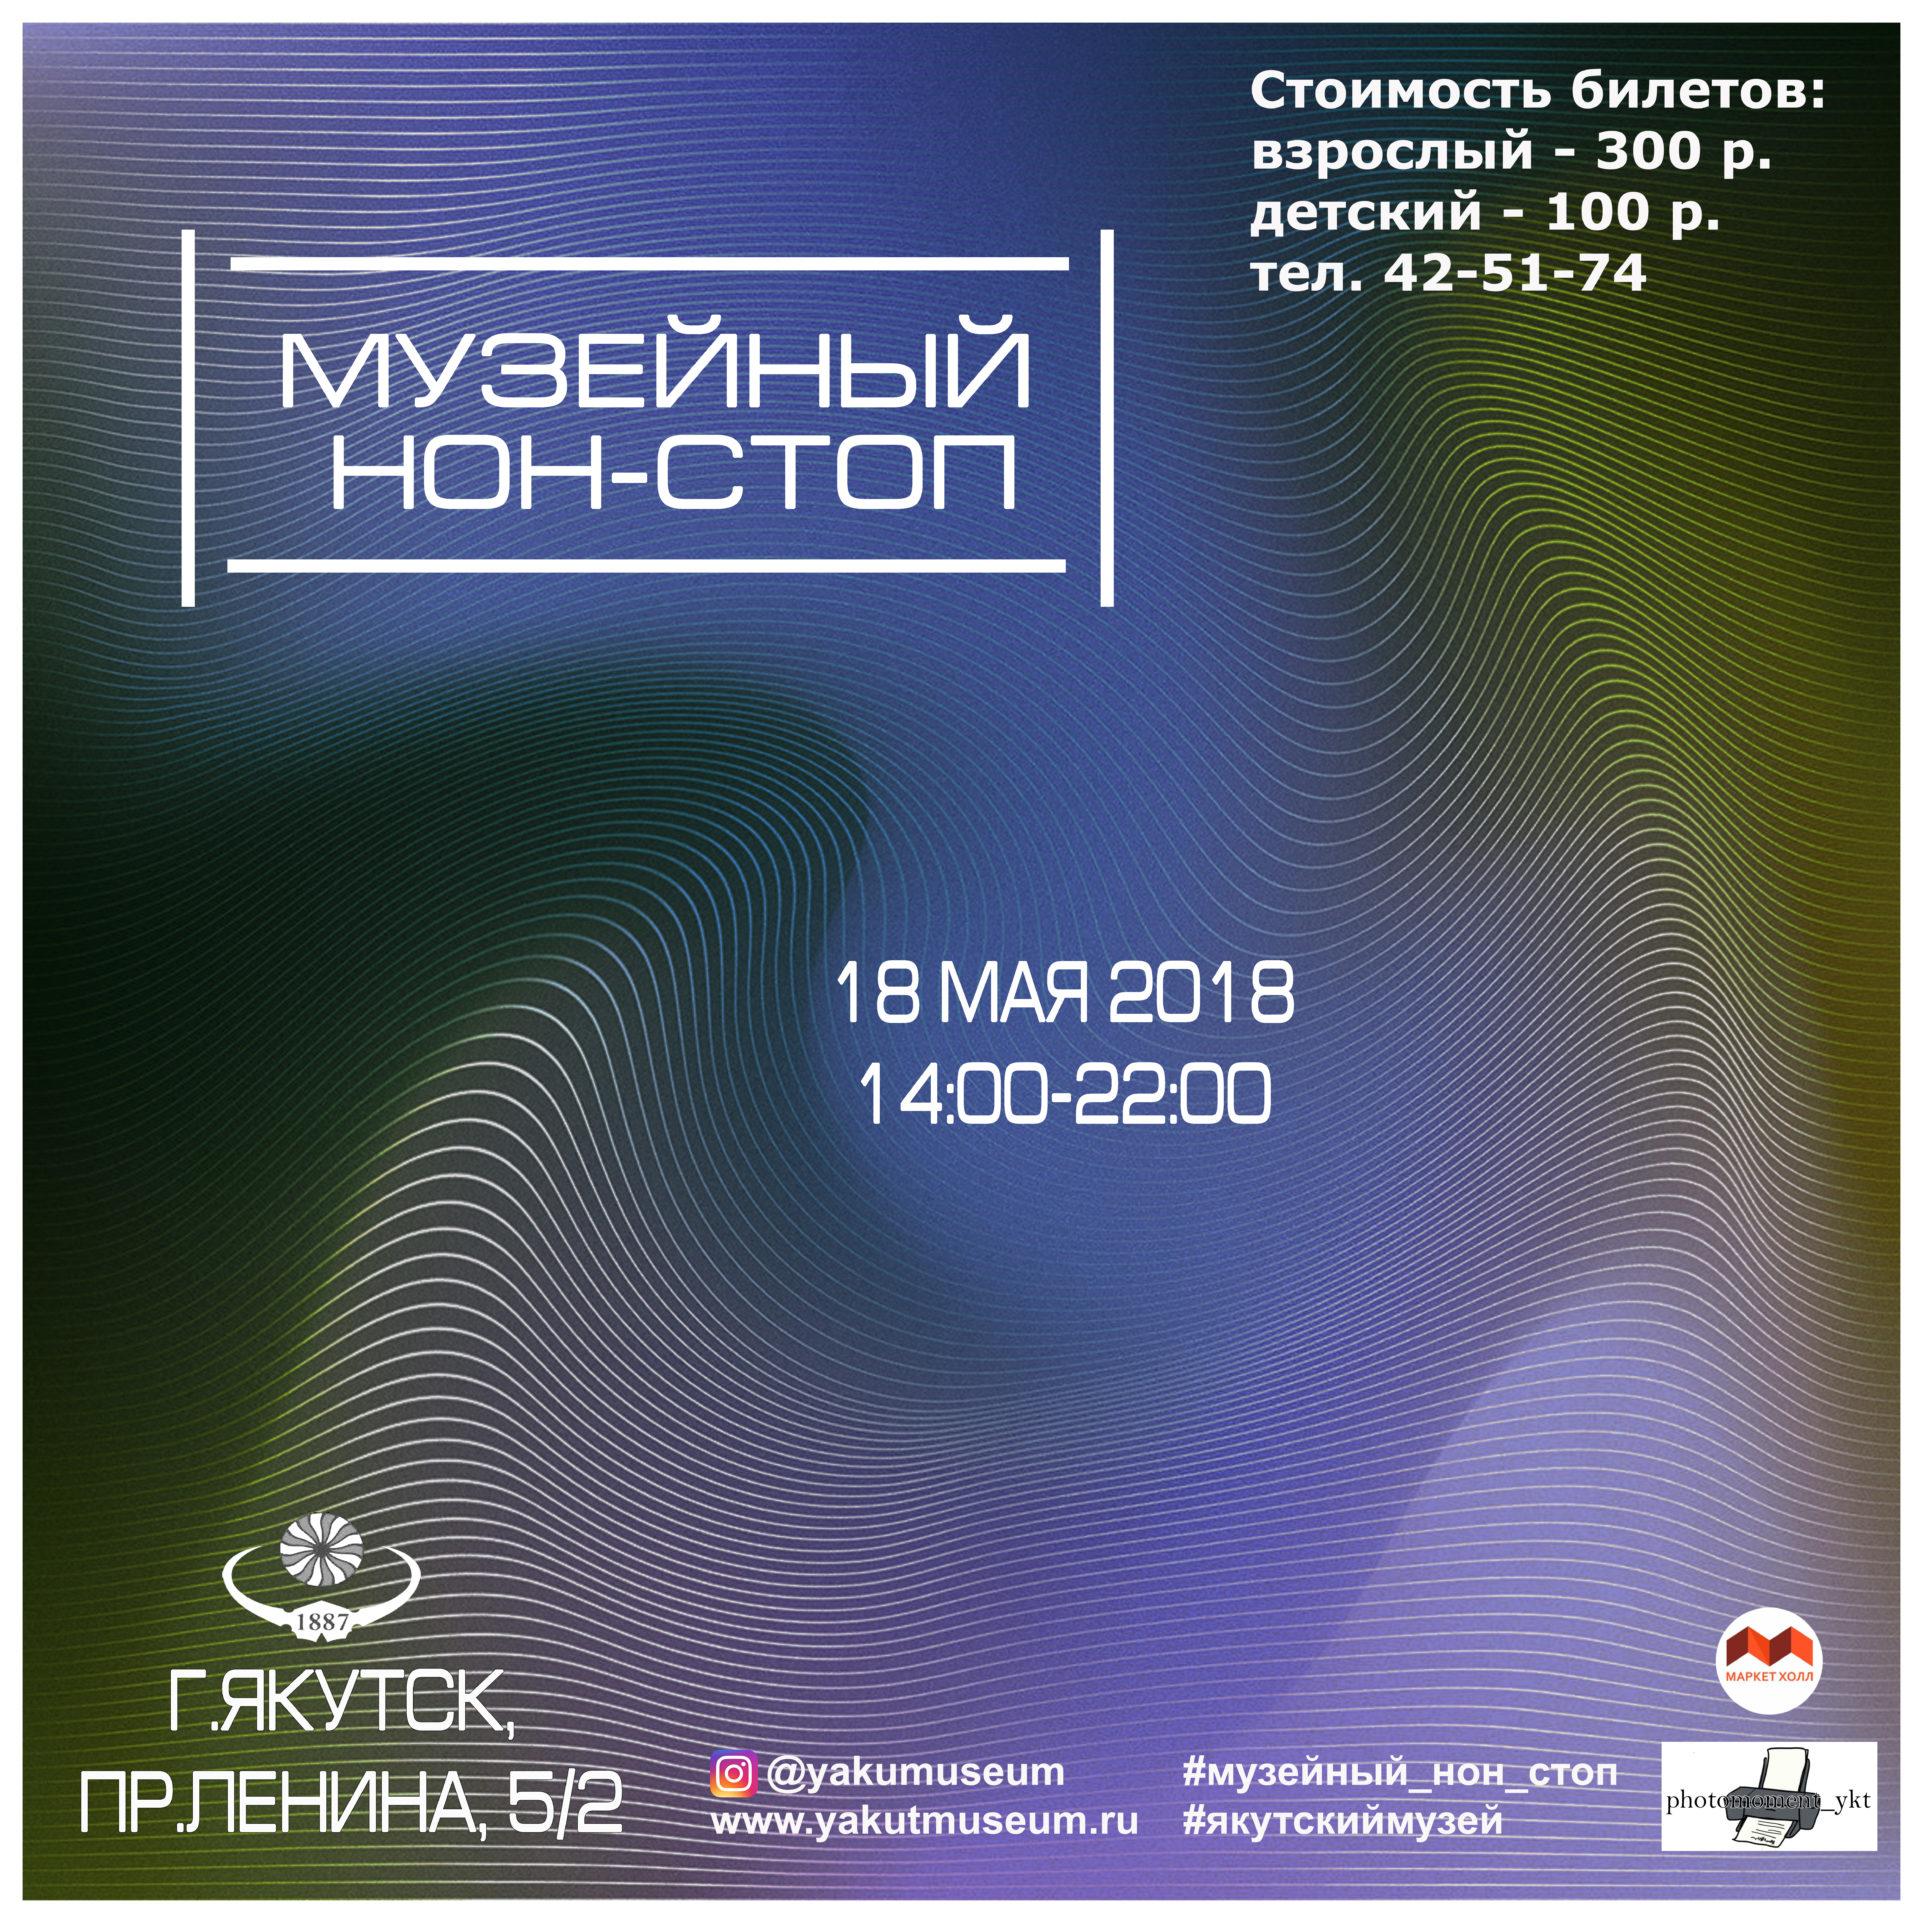 Якутский музей приглашает на «Музейный нон-стоп»